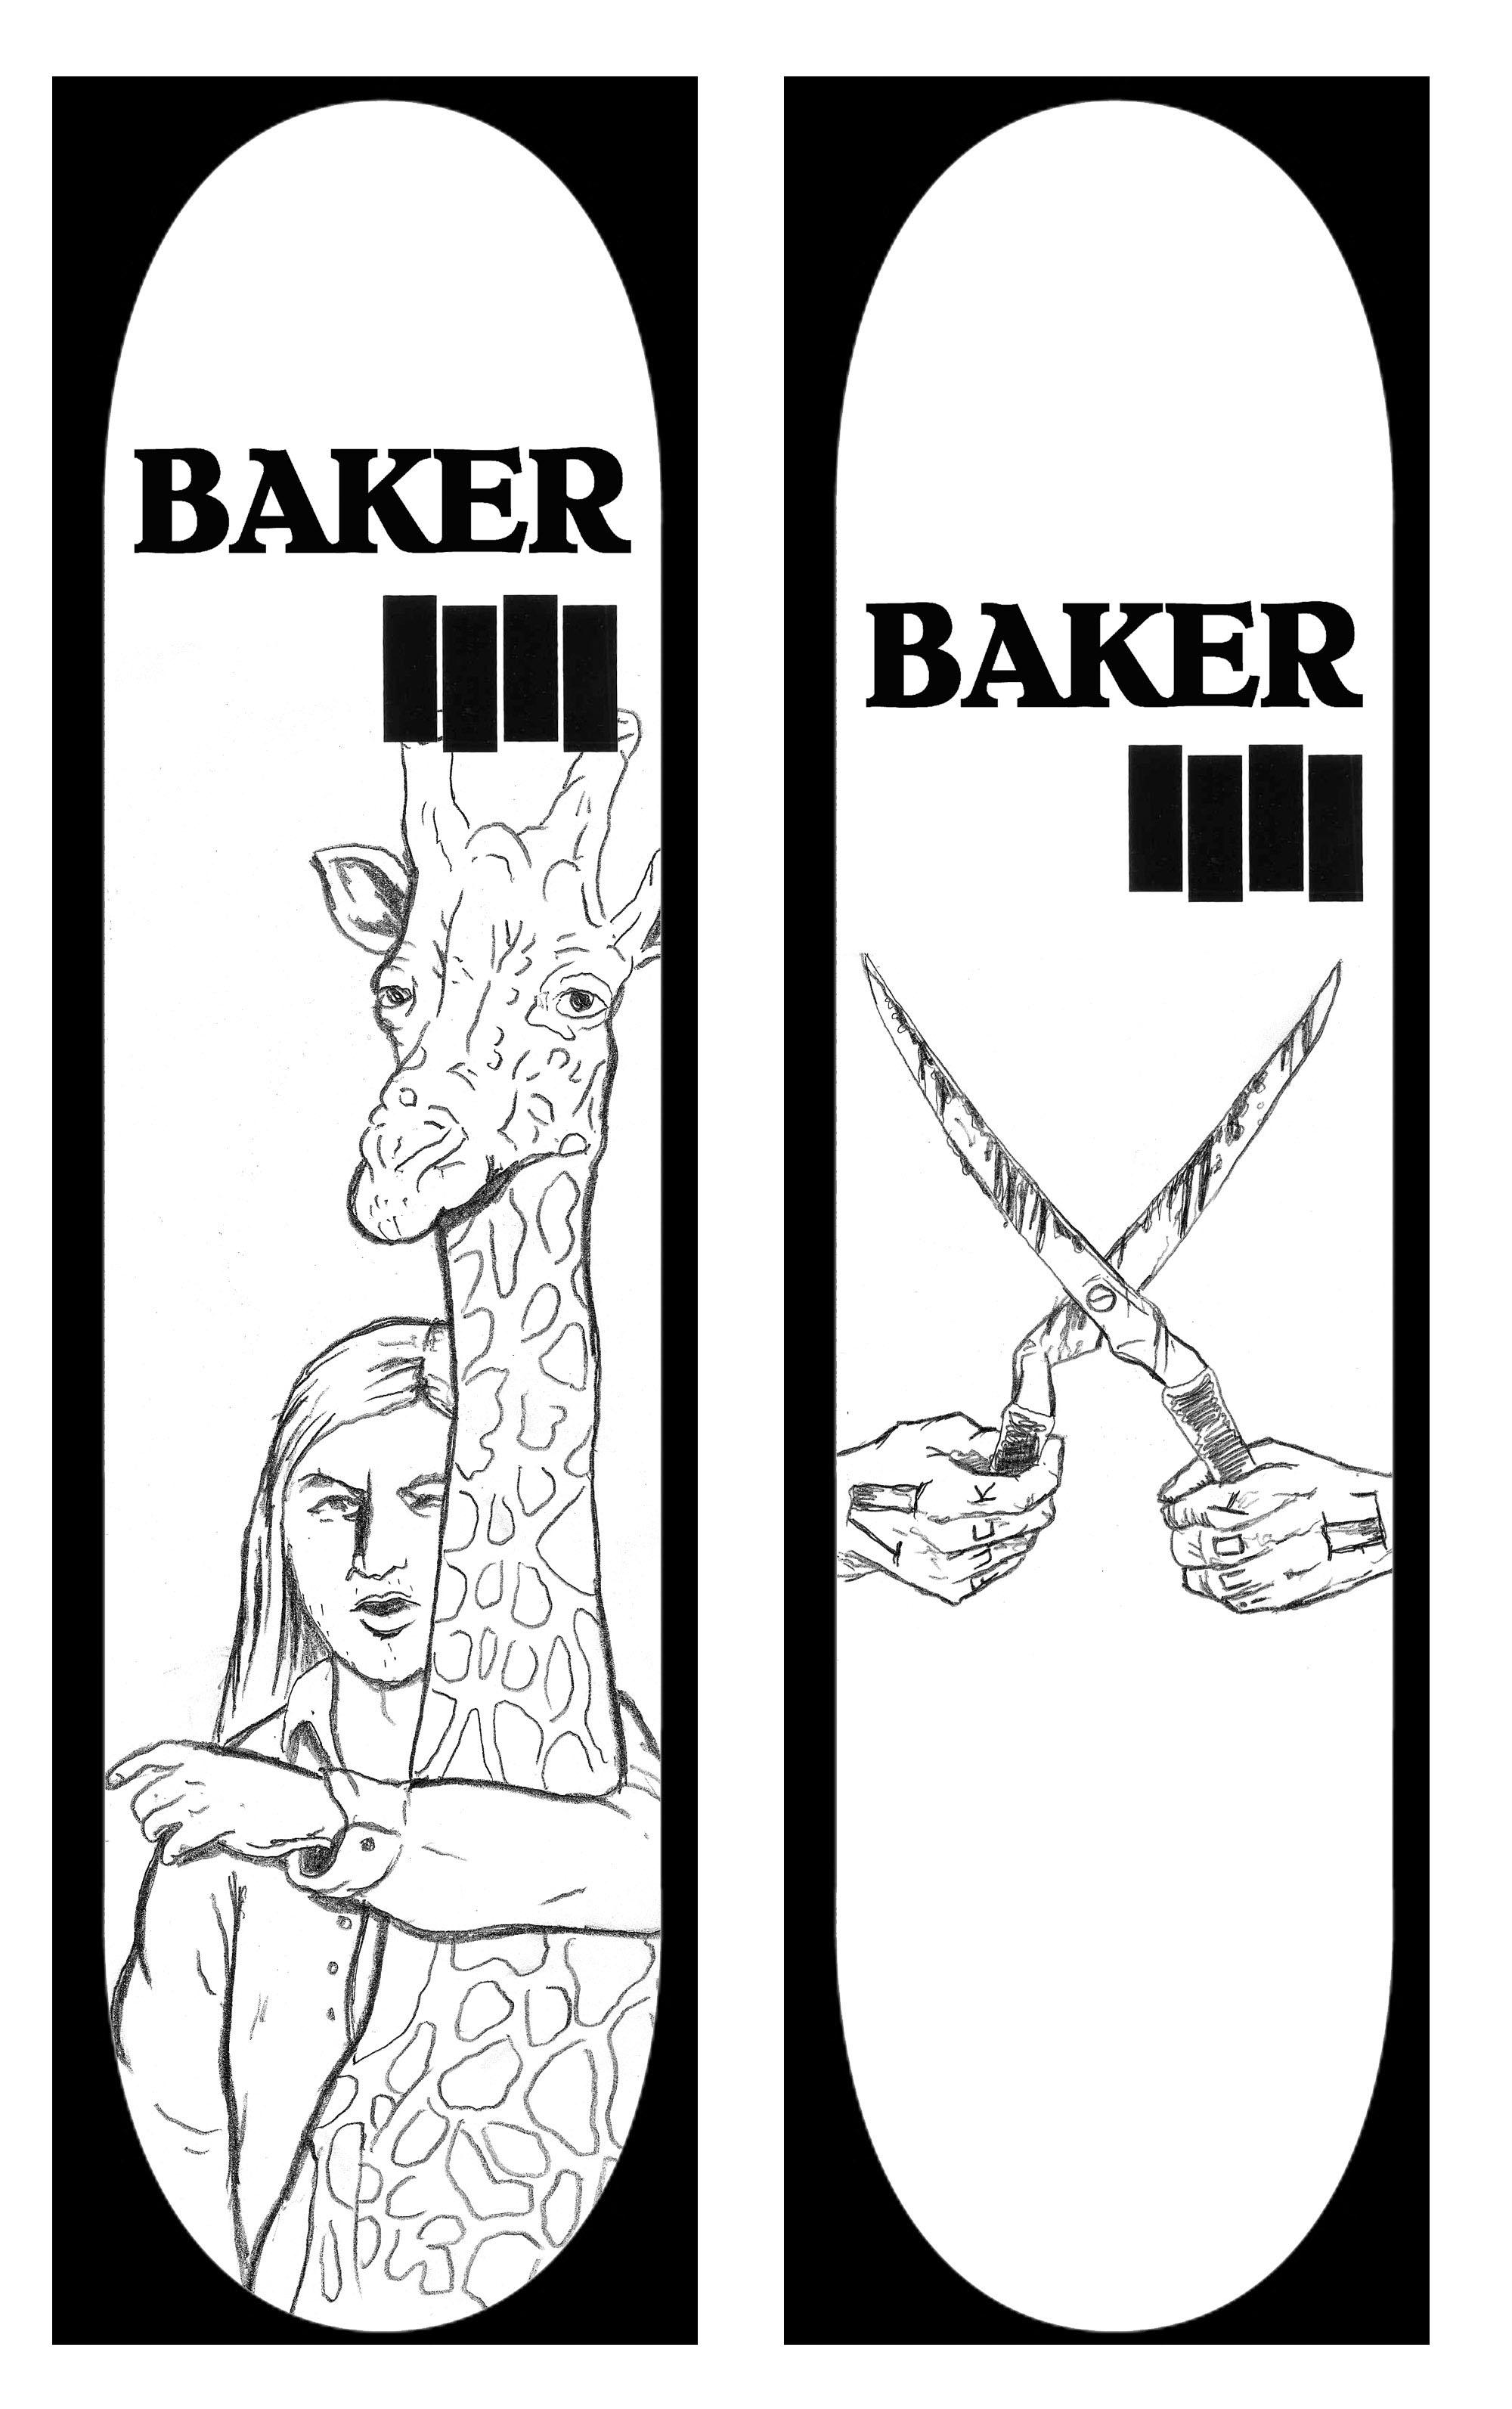 A Bad Baker